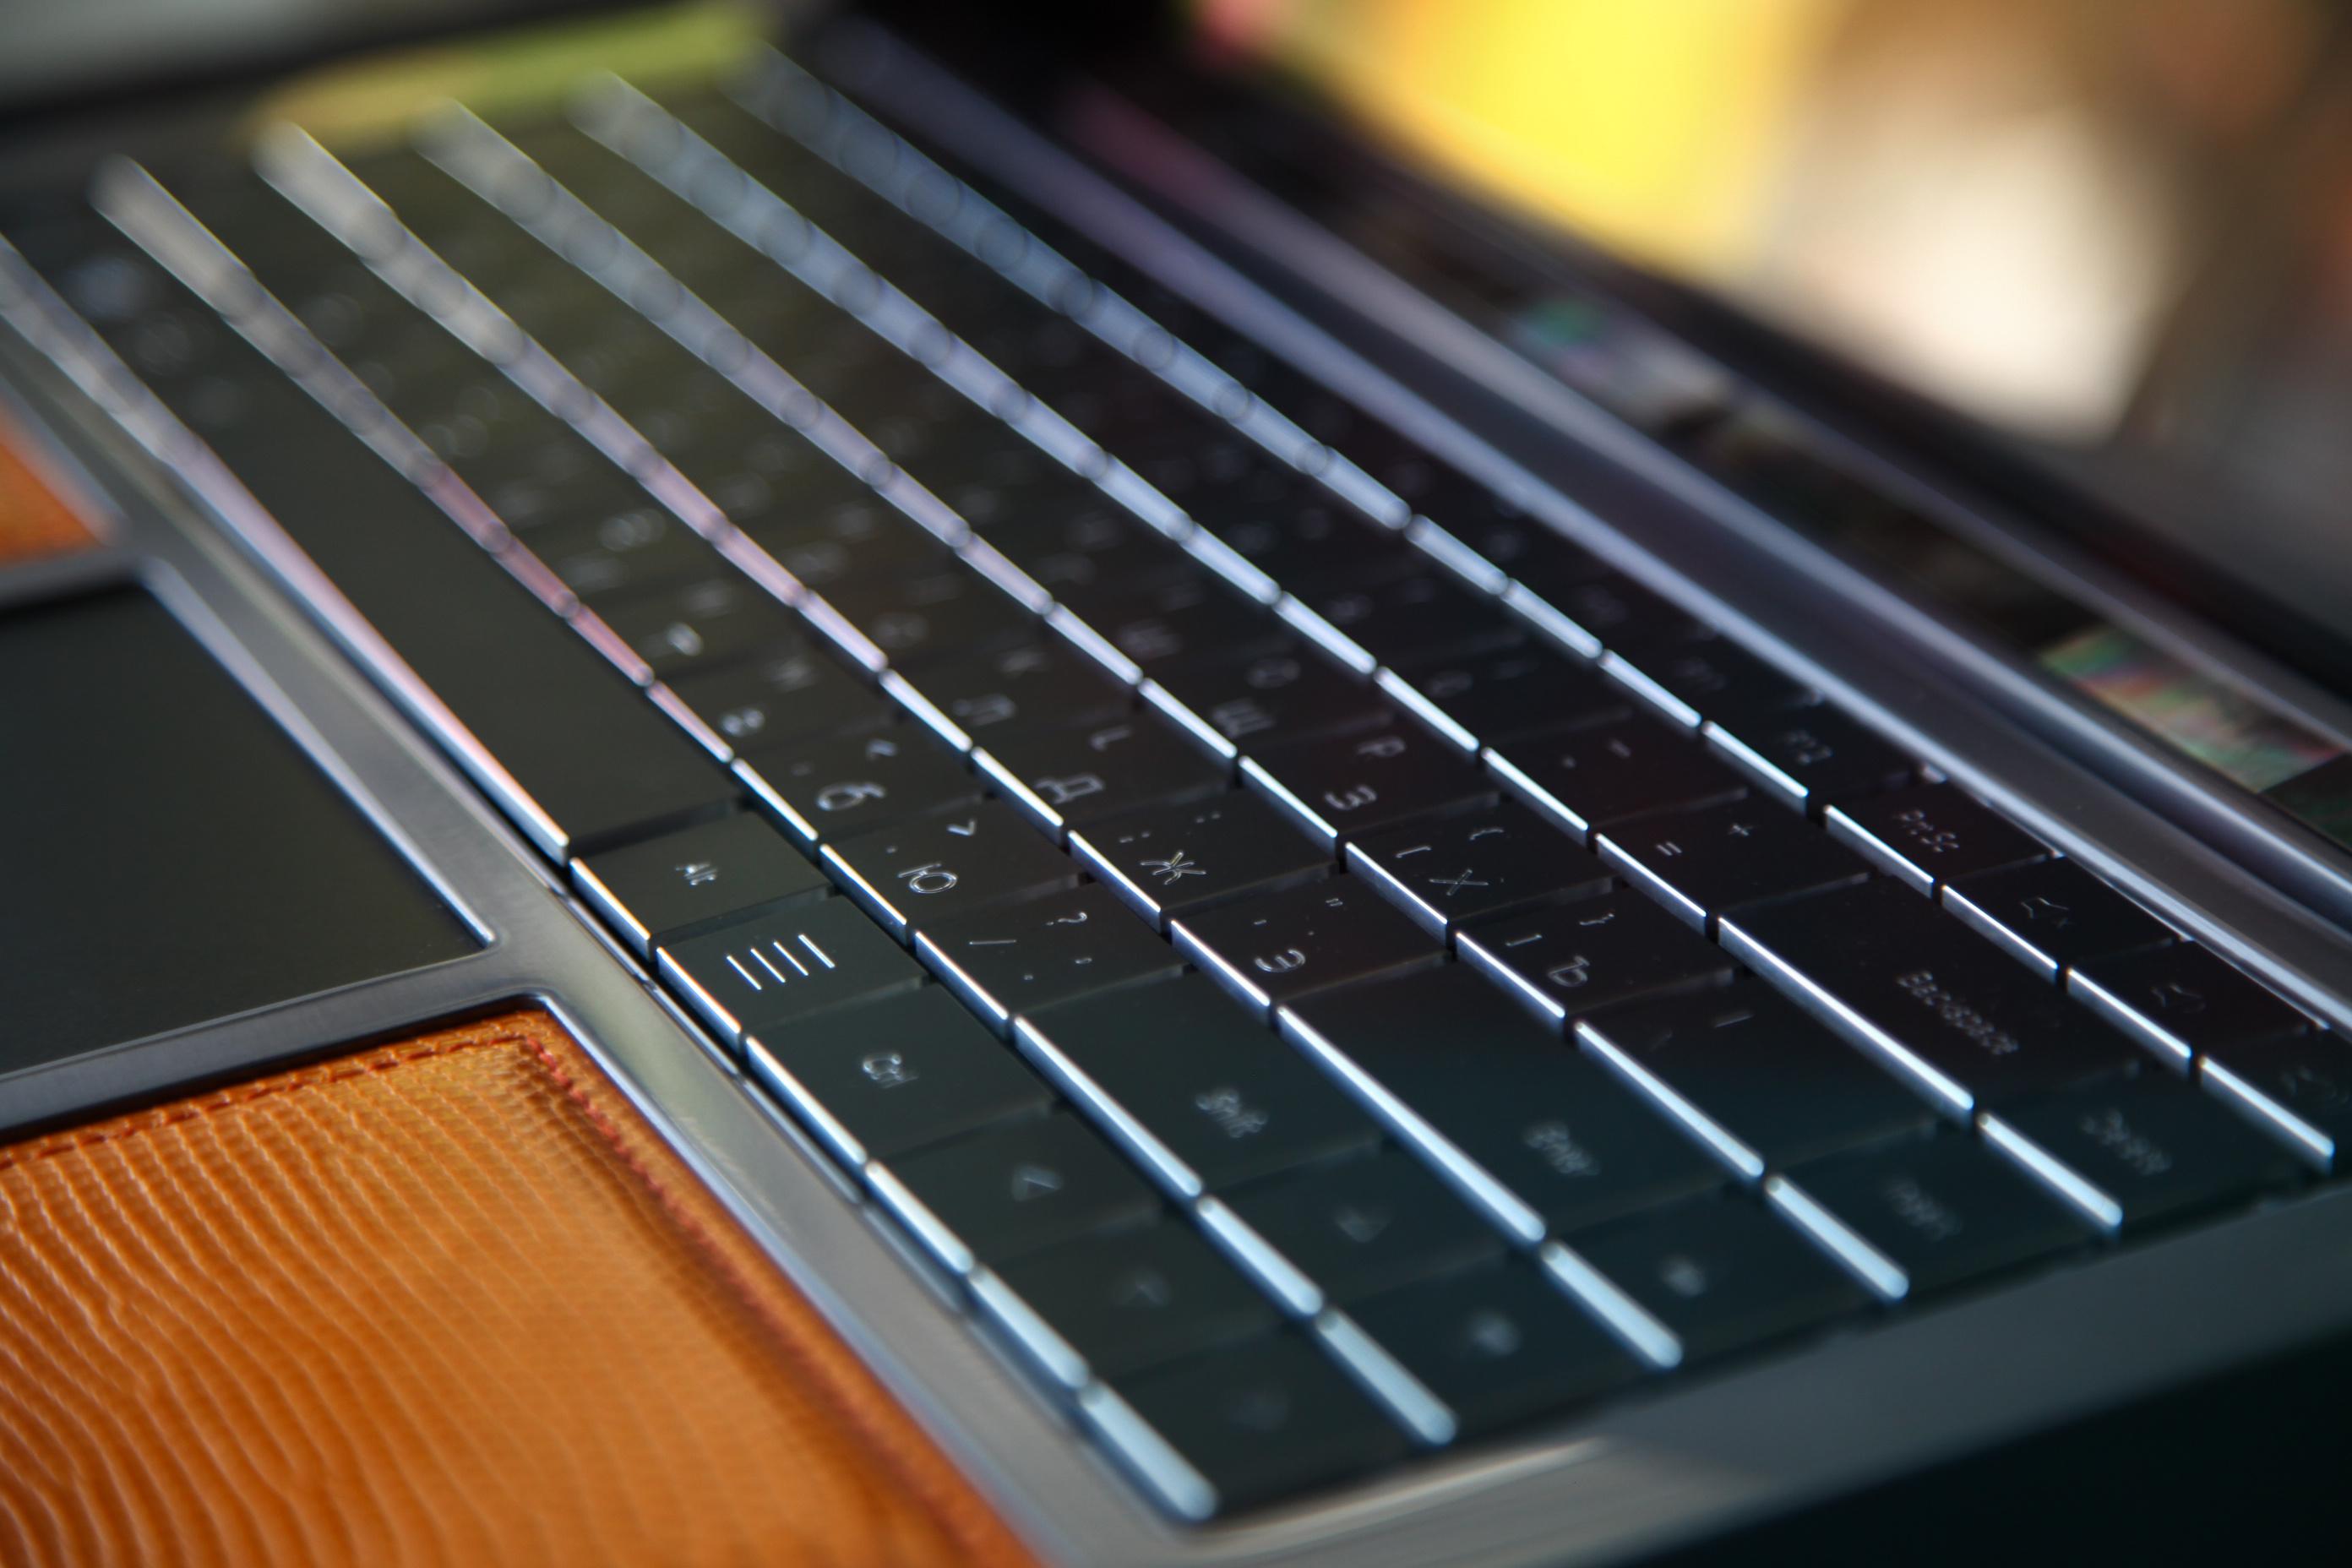 Клавиатура для ноутбука французской компании Cottin, которая выпускает технику из золота, серебра и с инкрустацией алмазов.<br /> Нахабино»> </span> <span class=